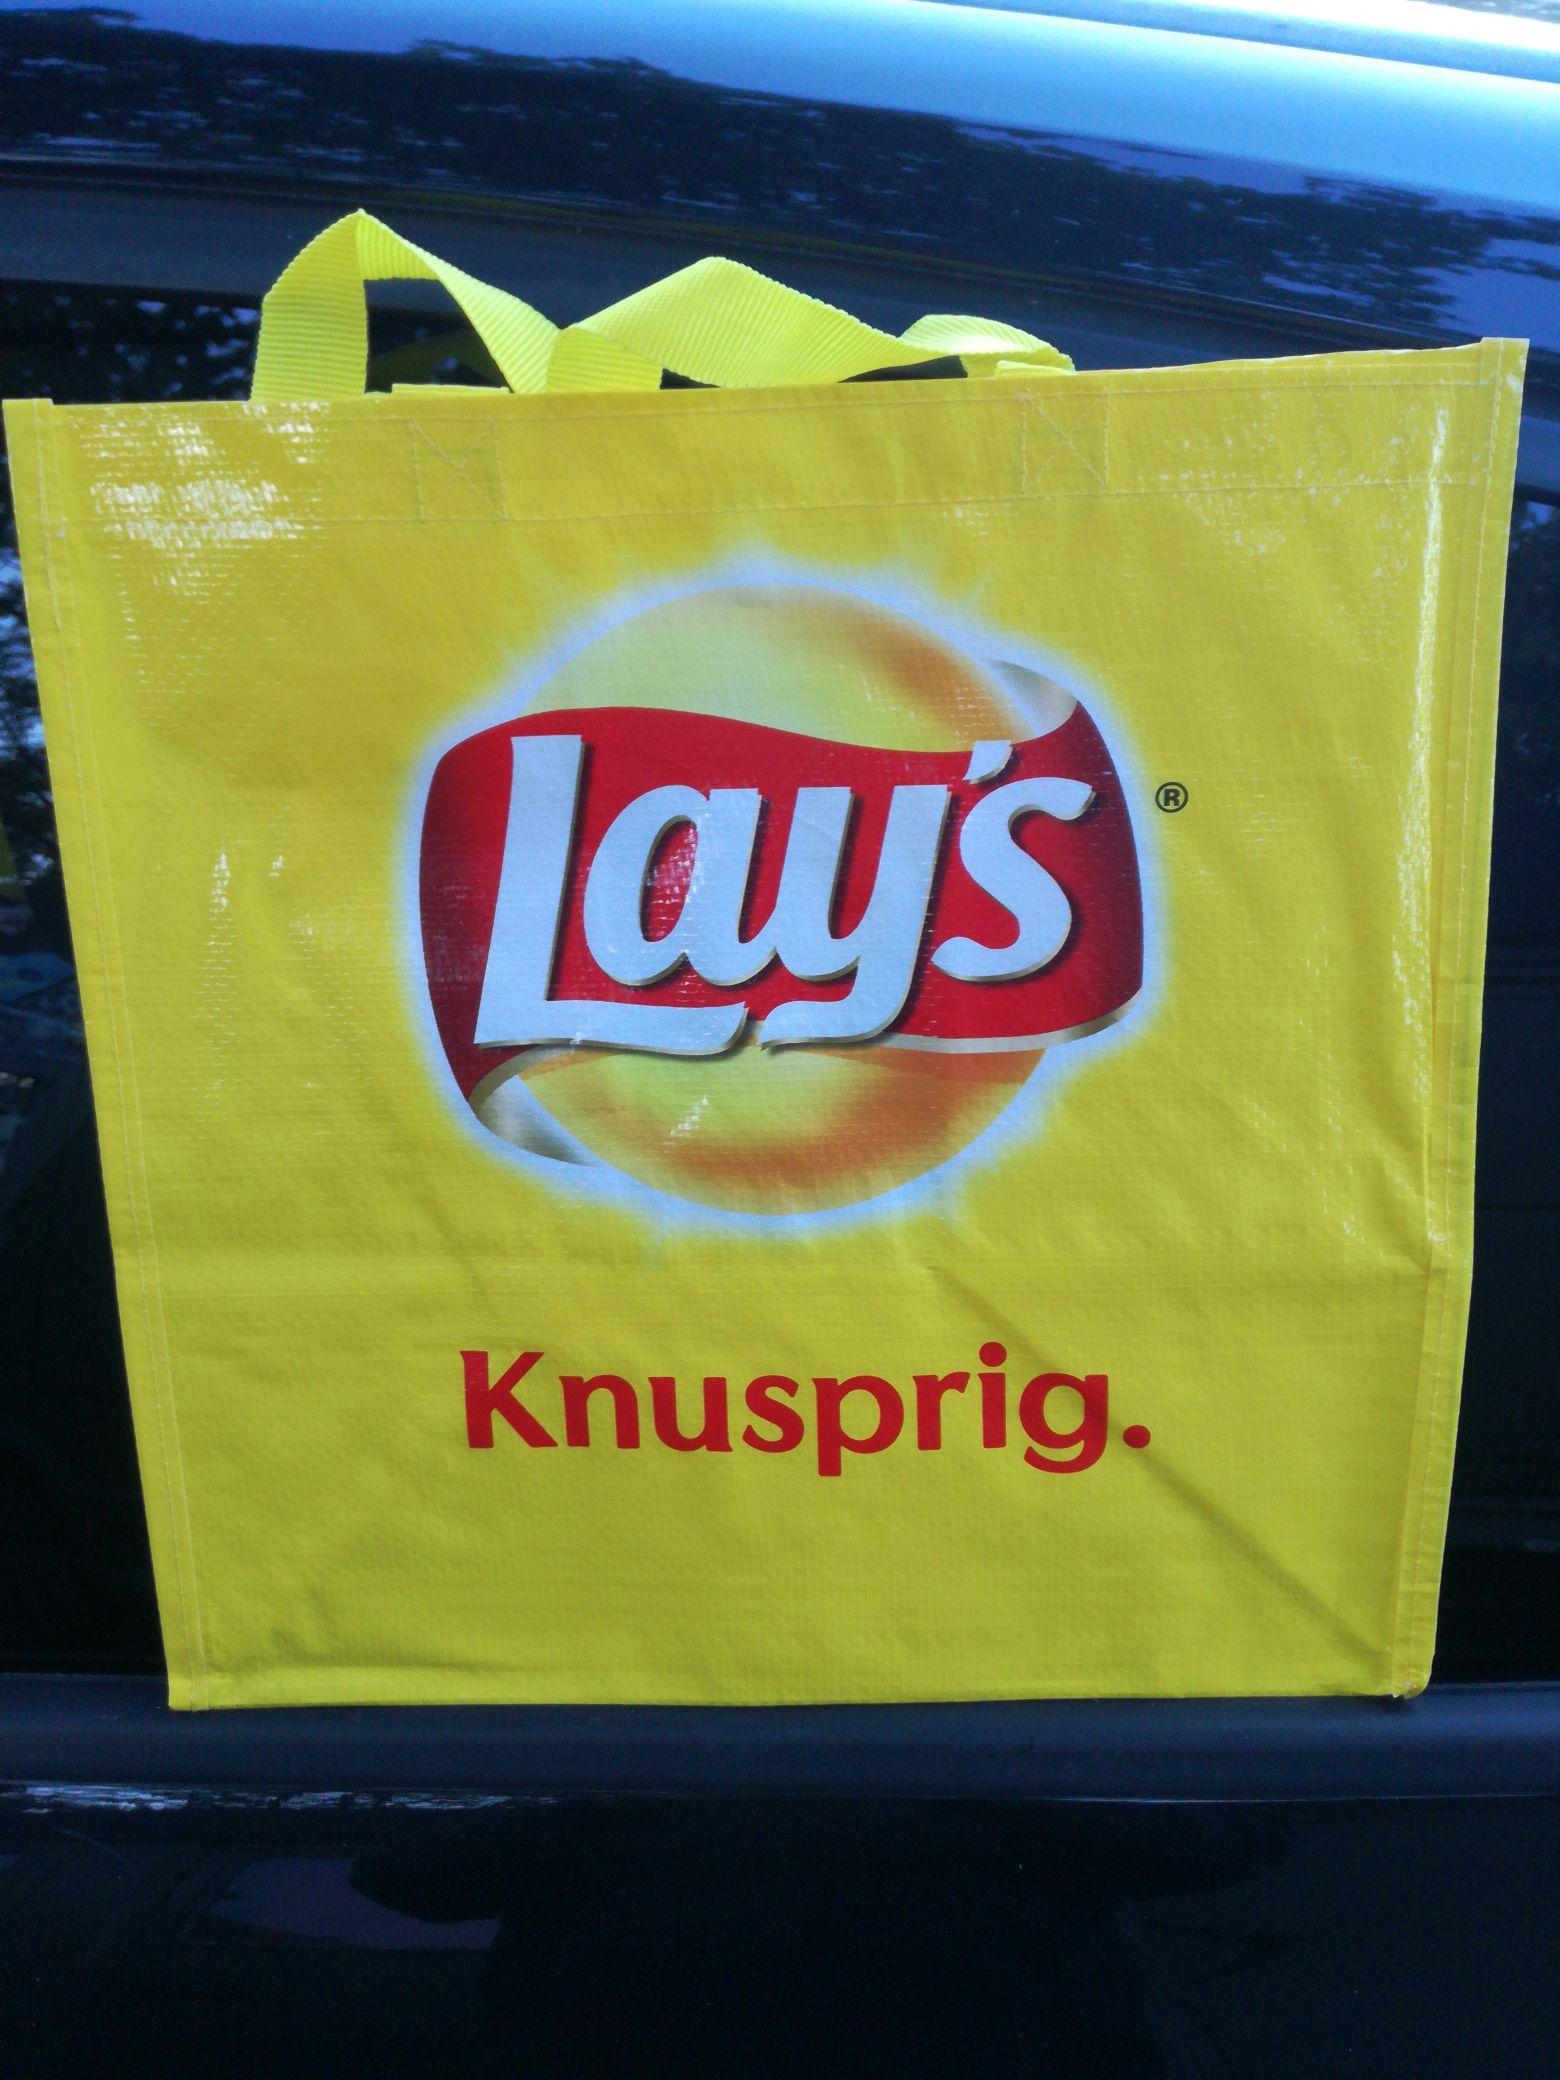 (Rewe) Permanenttragetasche von Lay's gratis , Lokal? Berlin Seafkowplatz